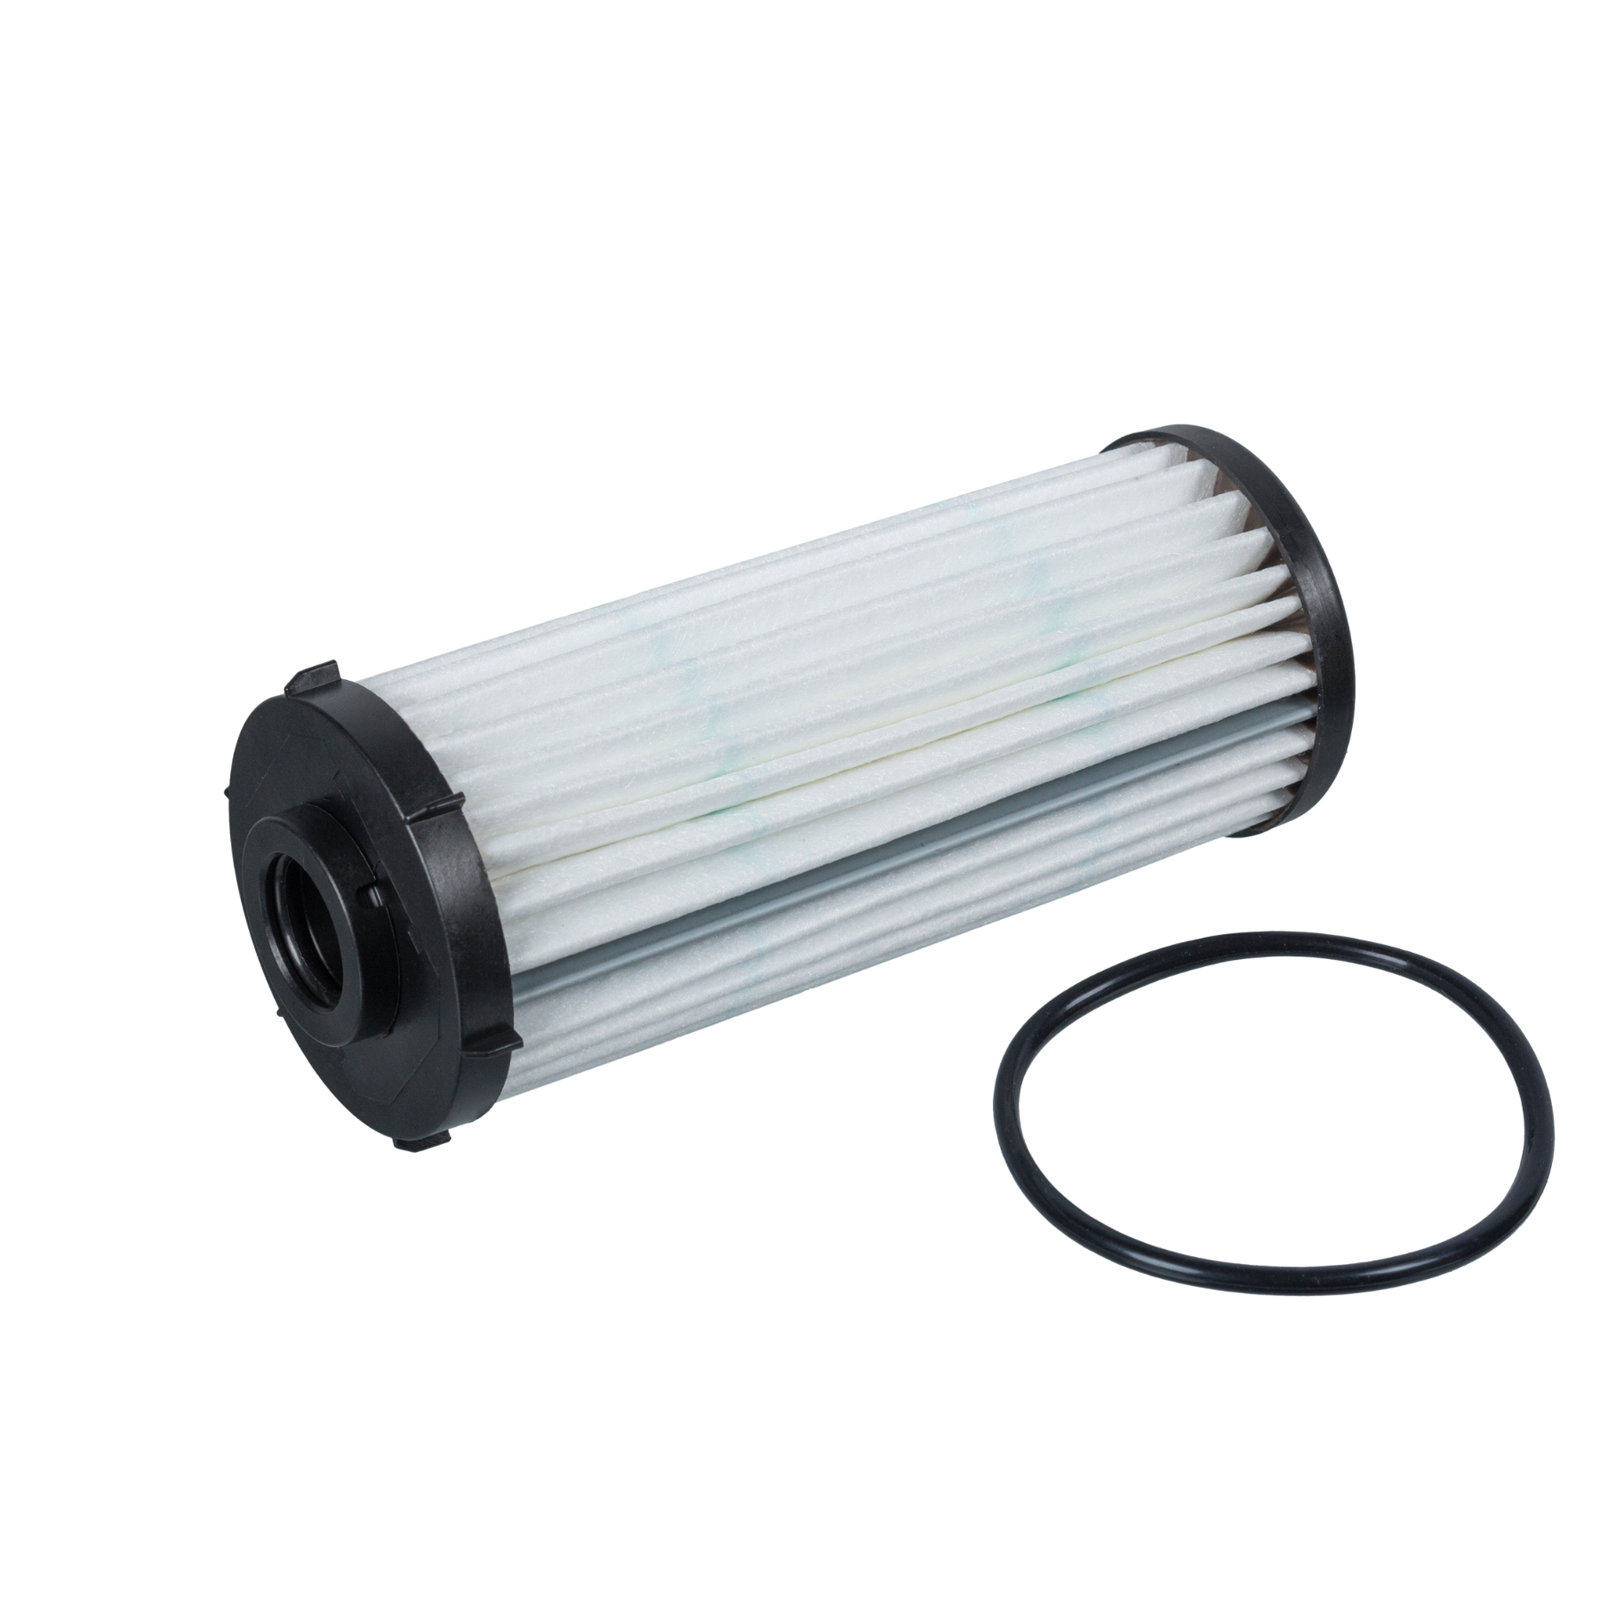 FEBI Getriebefilter + 6L Getriebeöl + Befüllschlauch für VAG 7-Gang DSG DQ500